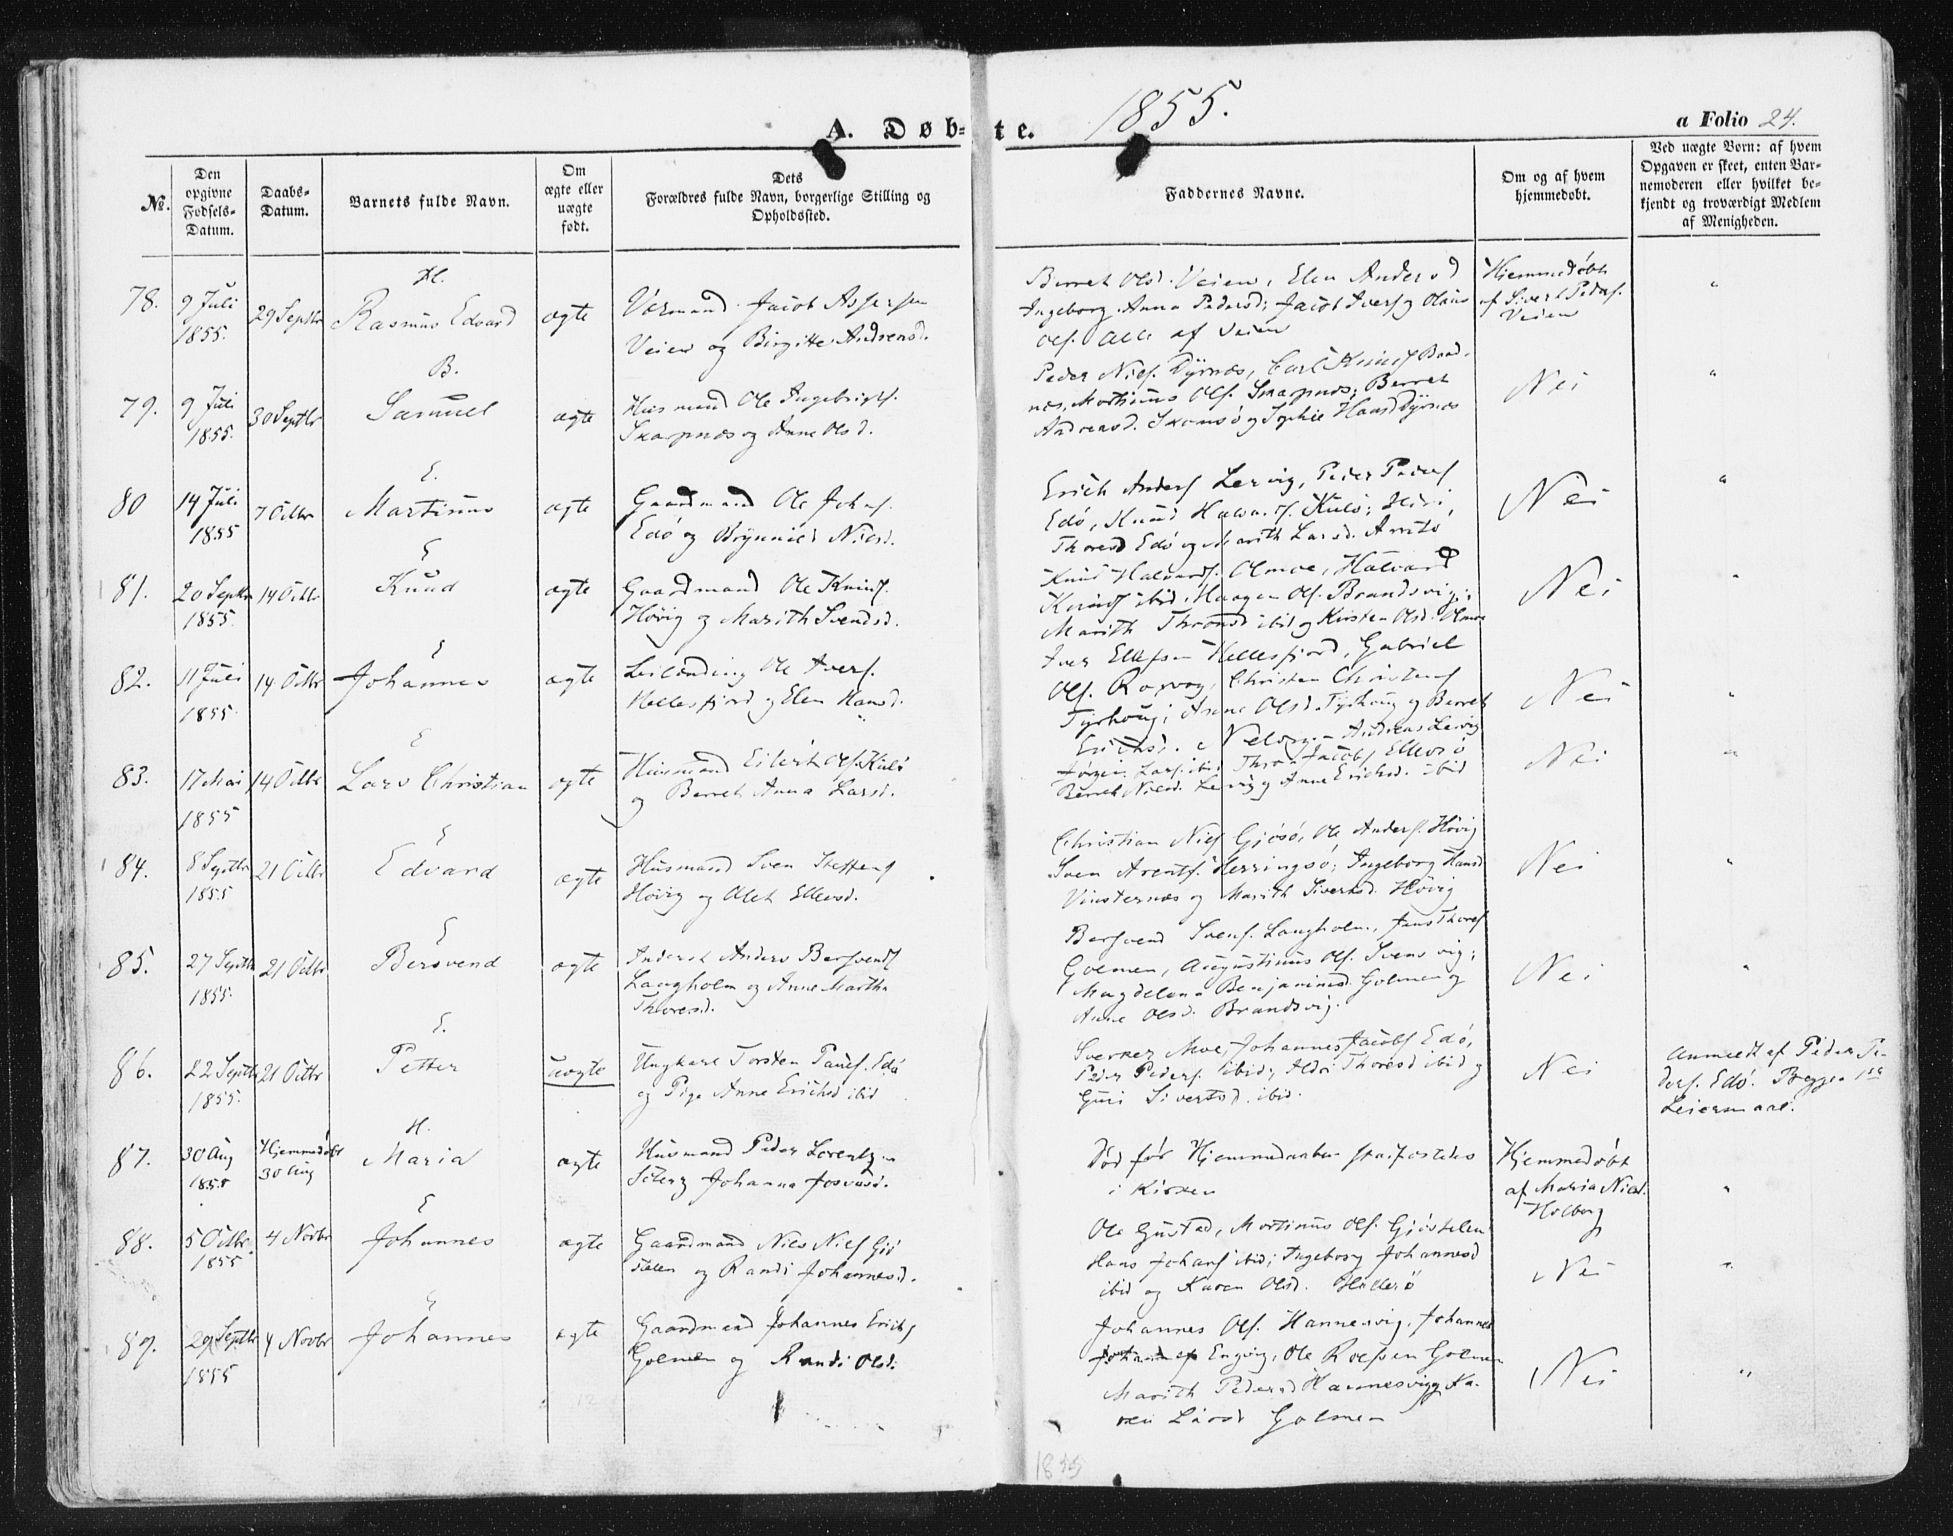 SAT, Ministerialprotokoller, klokkerbøker og fødselsregistre - Møre og Romsdal, 581/L0937: Ministerialbok nr. 581A05, 1853-1872, s. 24